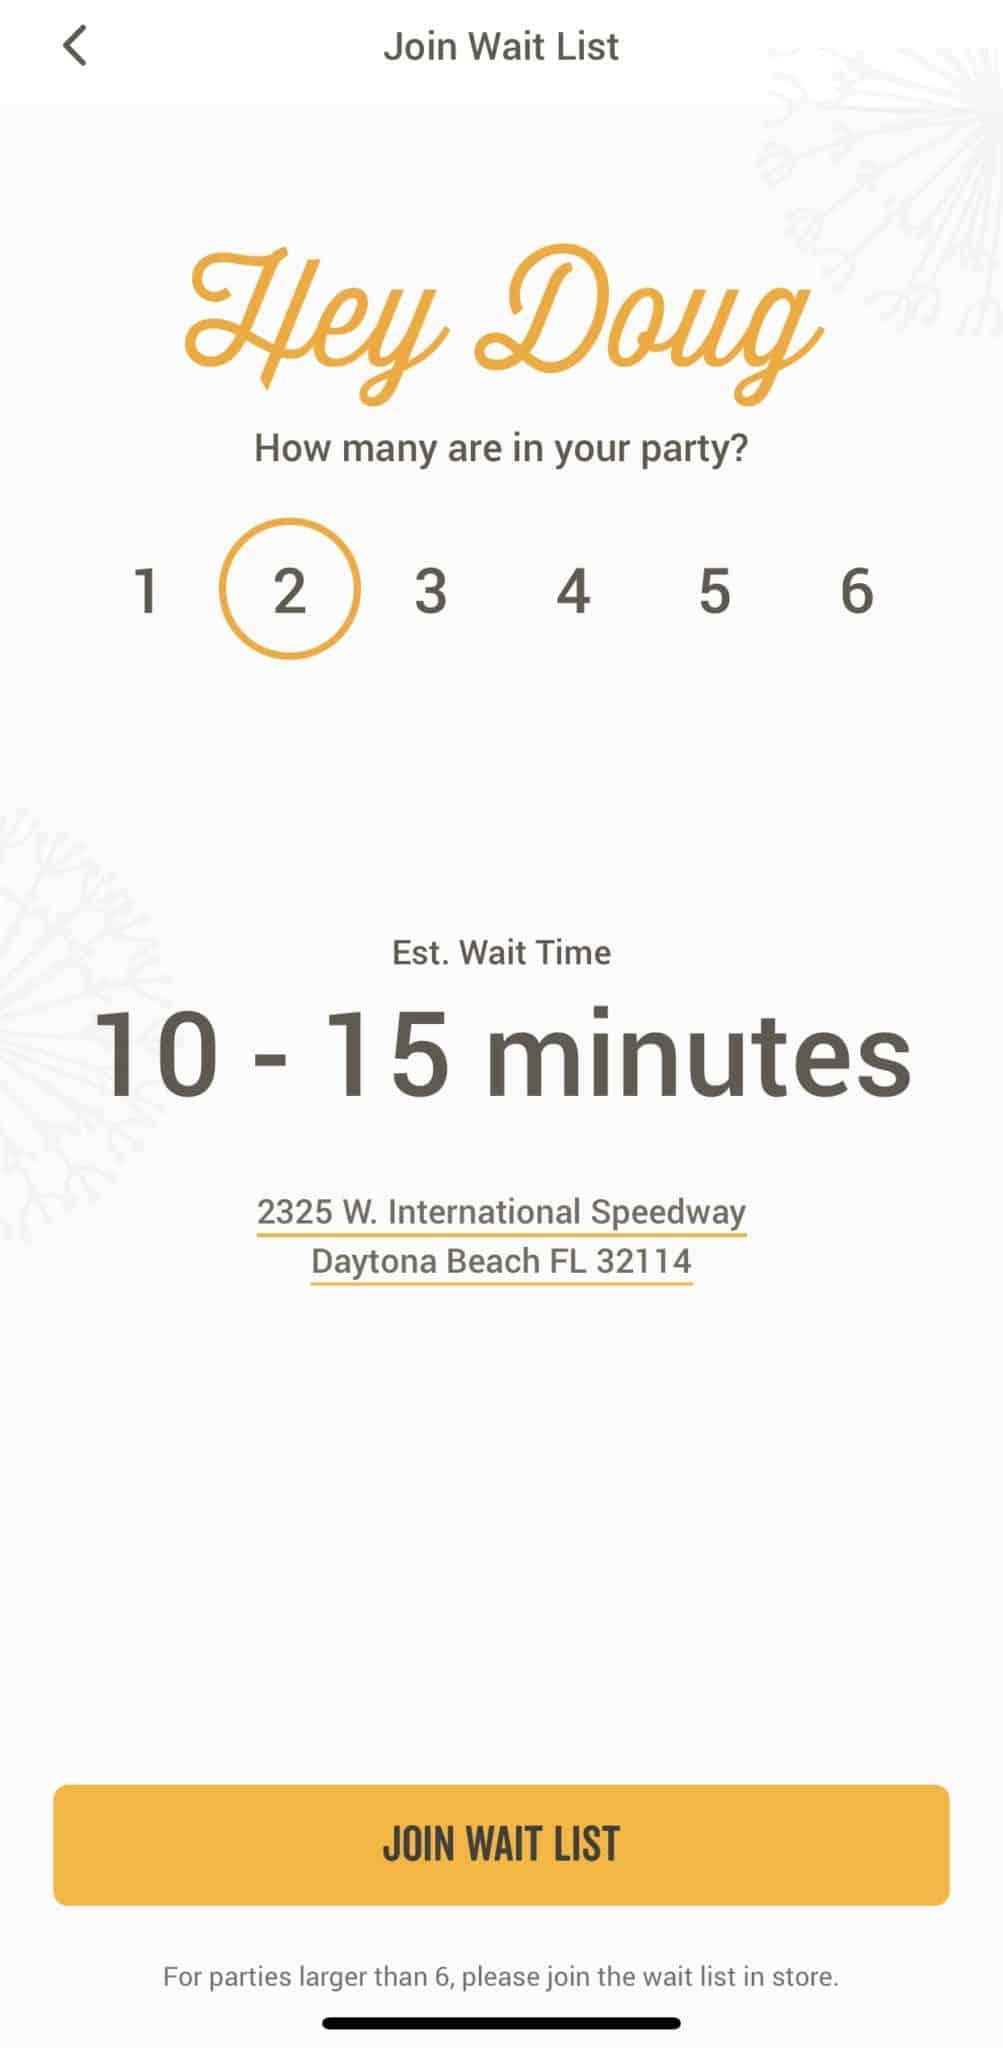 cracker barrel app wait list screenshot